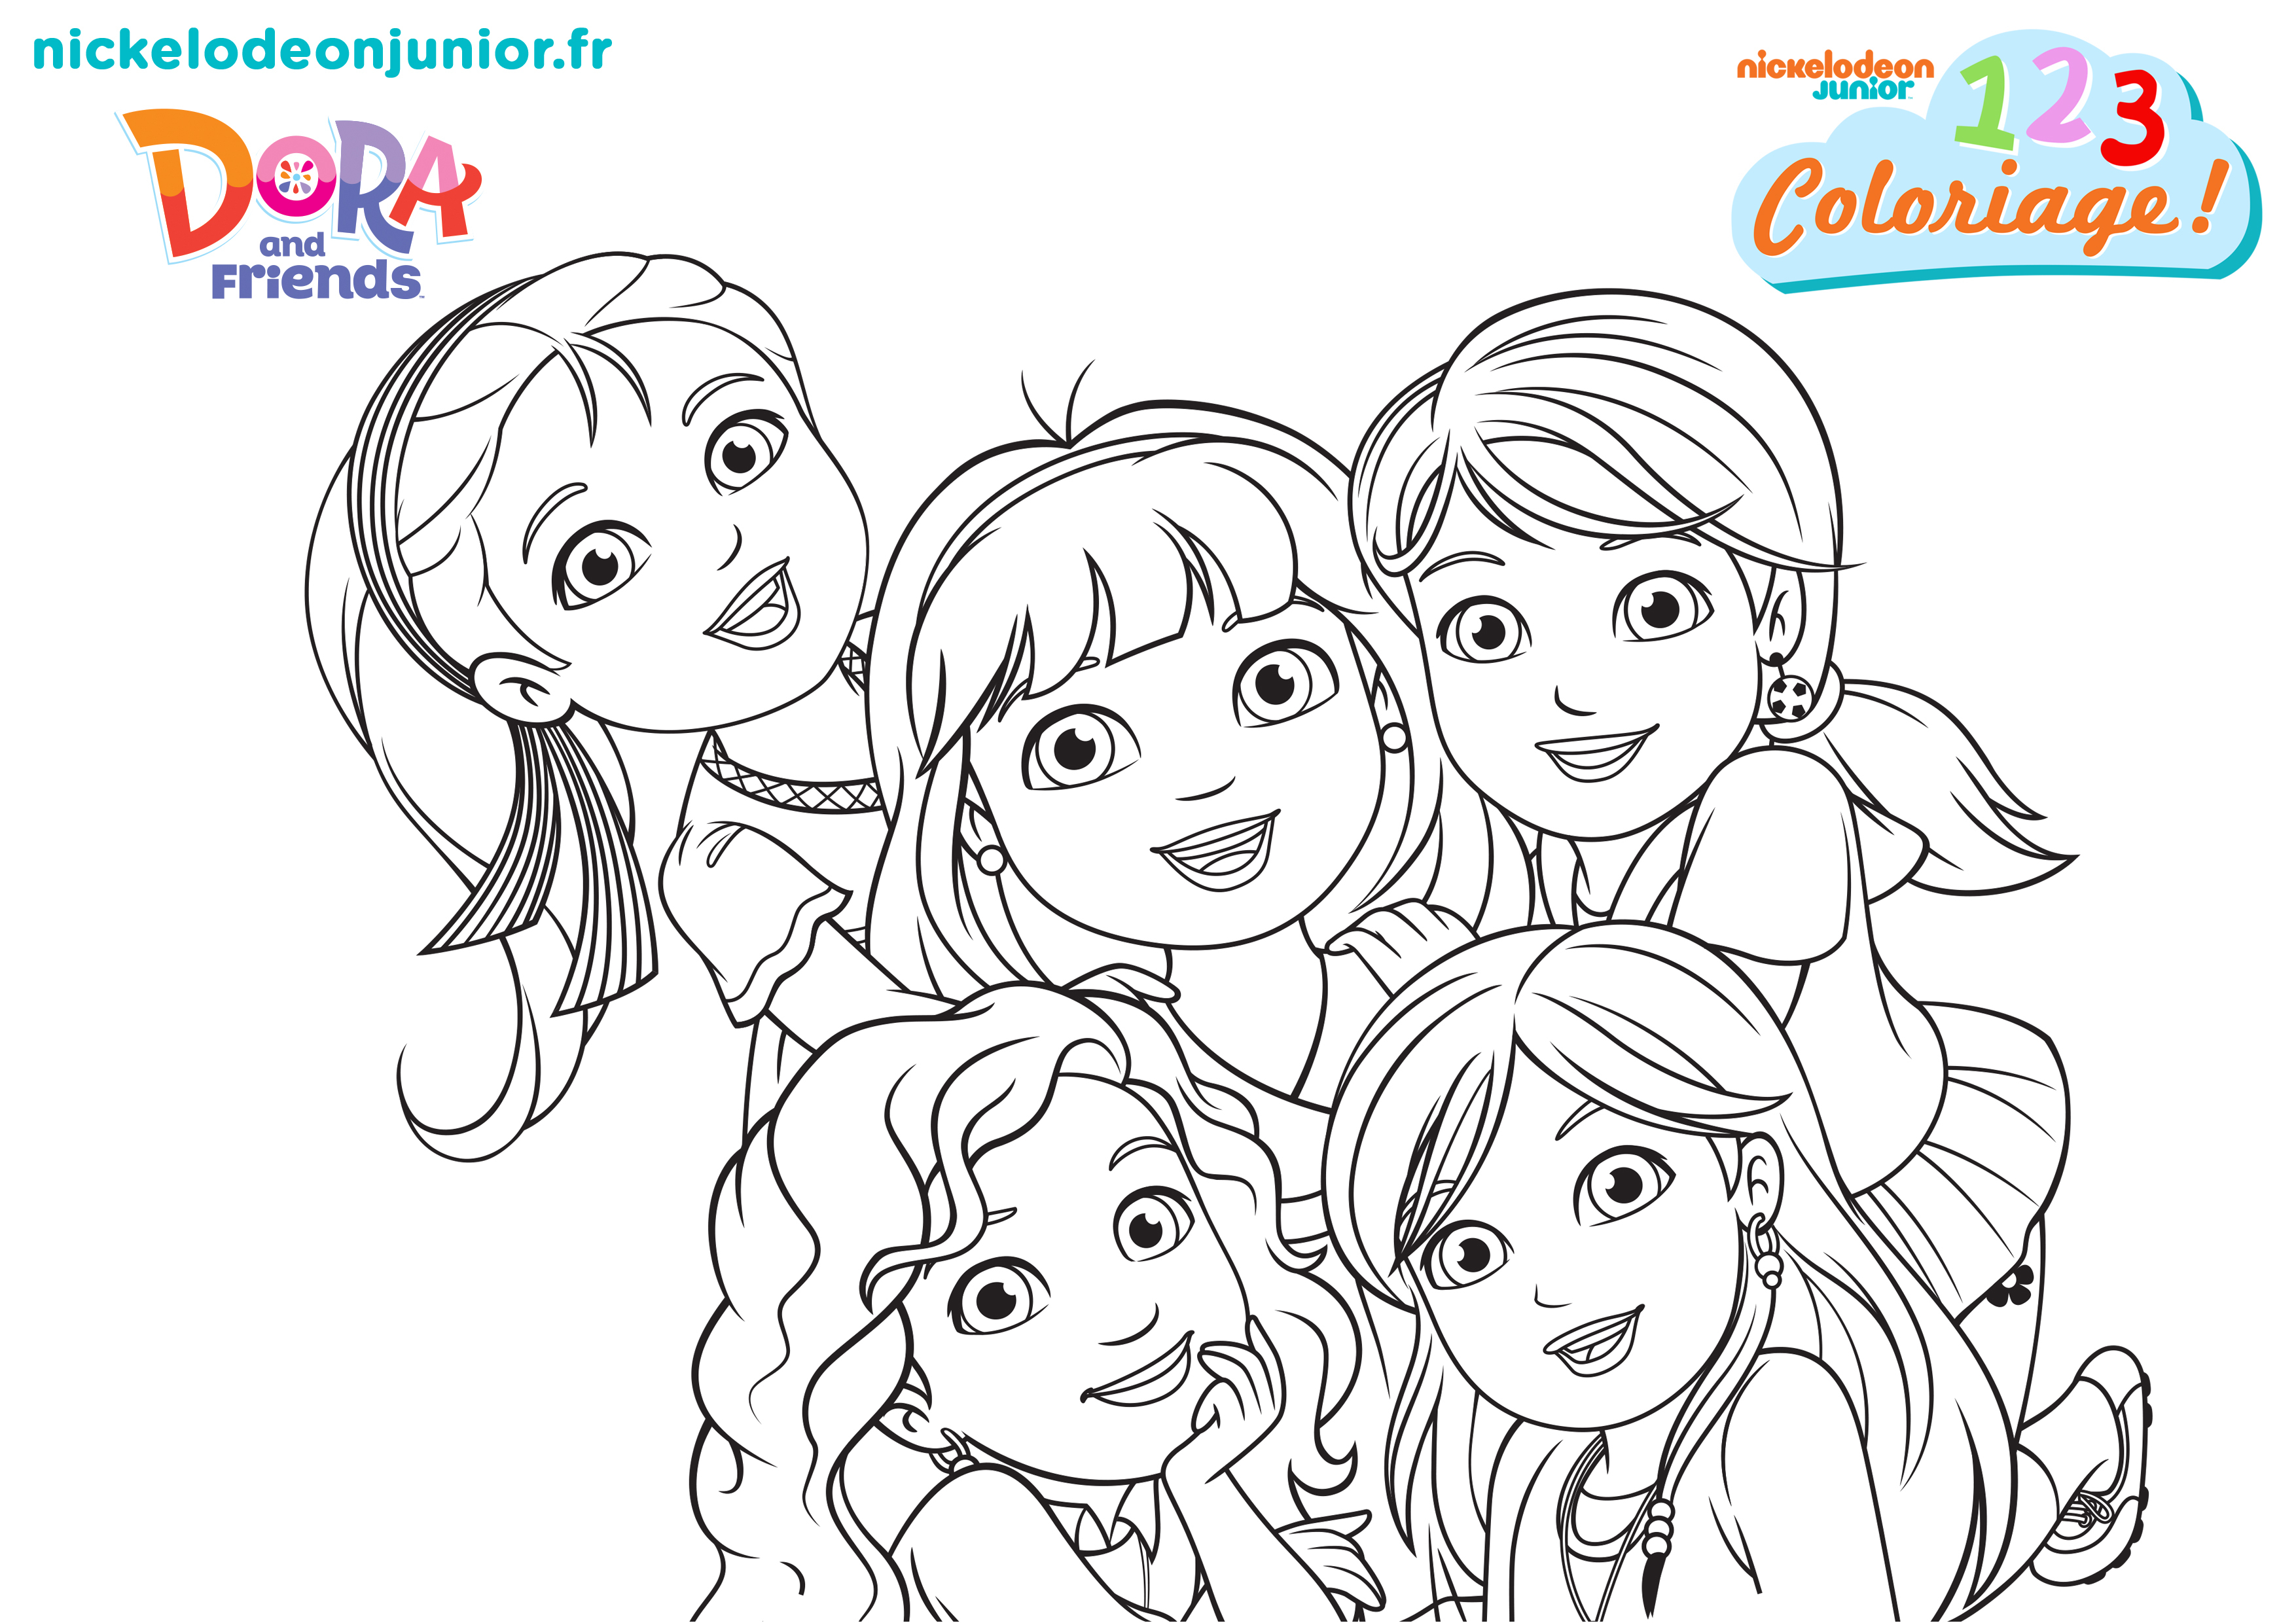 1, 2, 3 Coloriage ! | Dora And Friends : Au Coeur De La concernant Dessin A Colorier Dora Gratuit A Imprimer